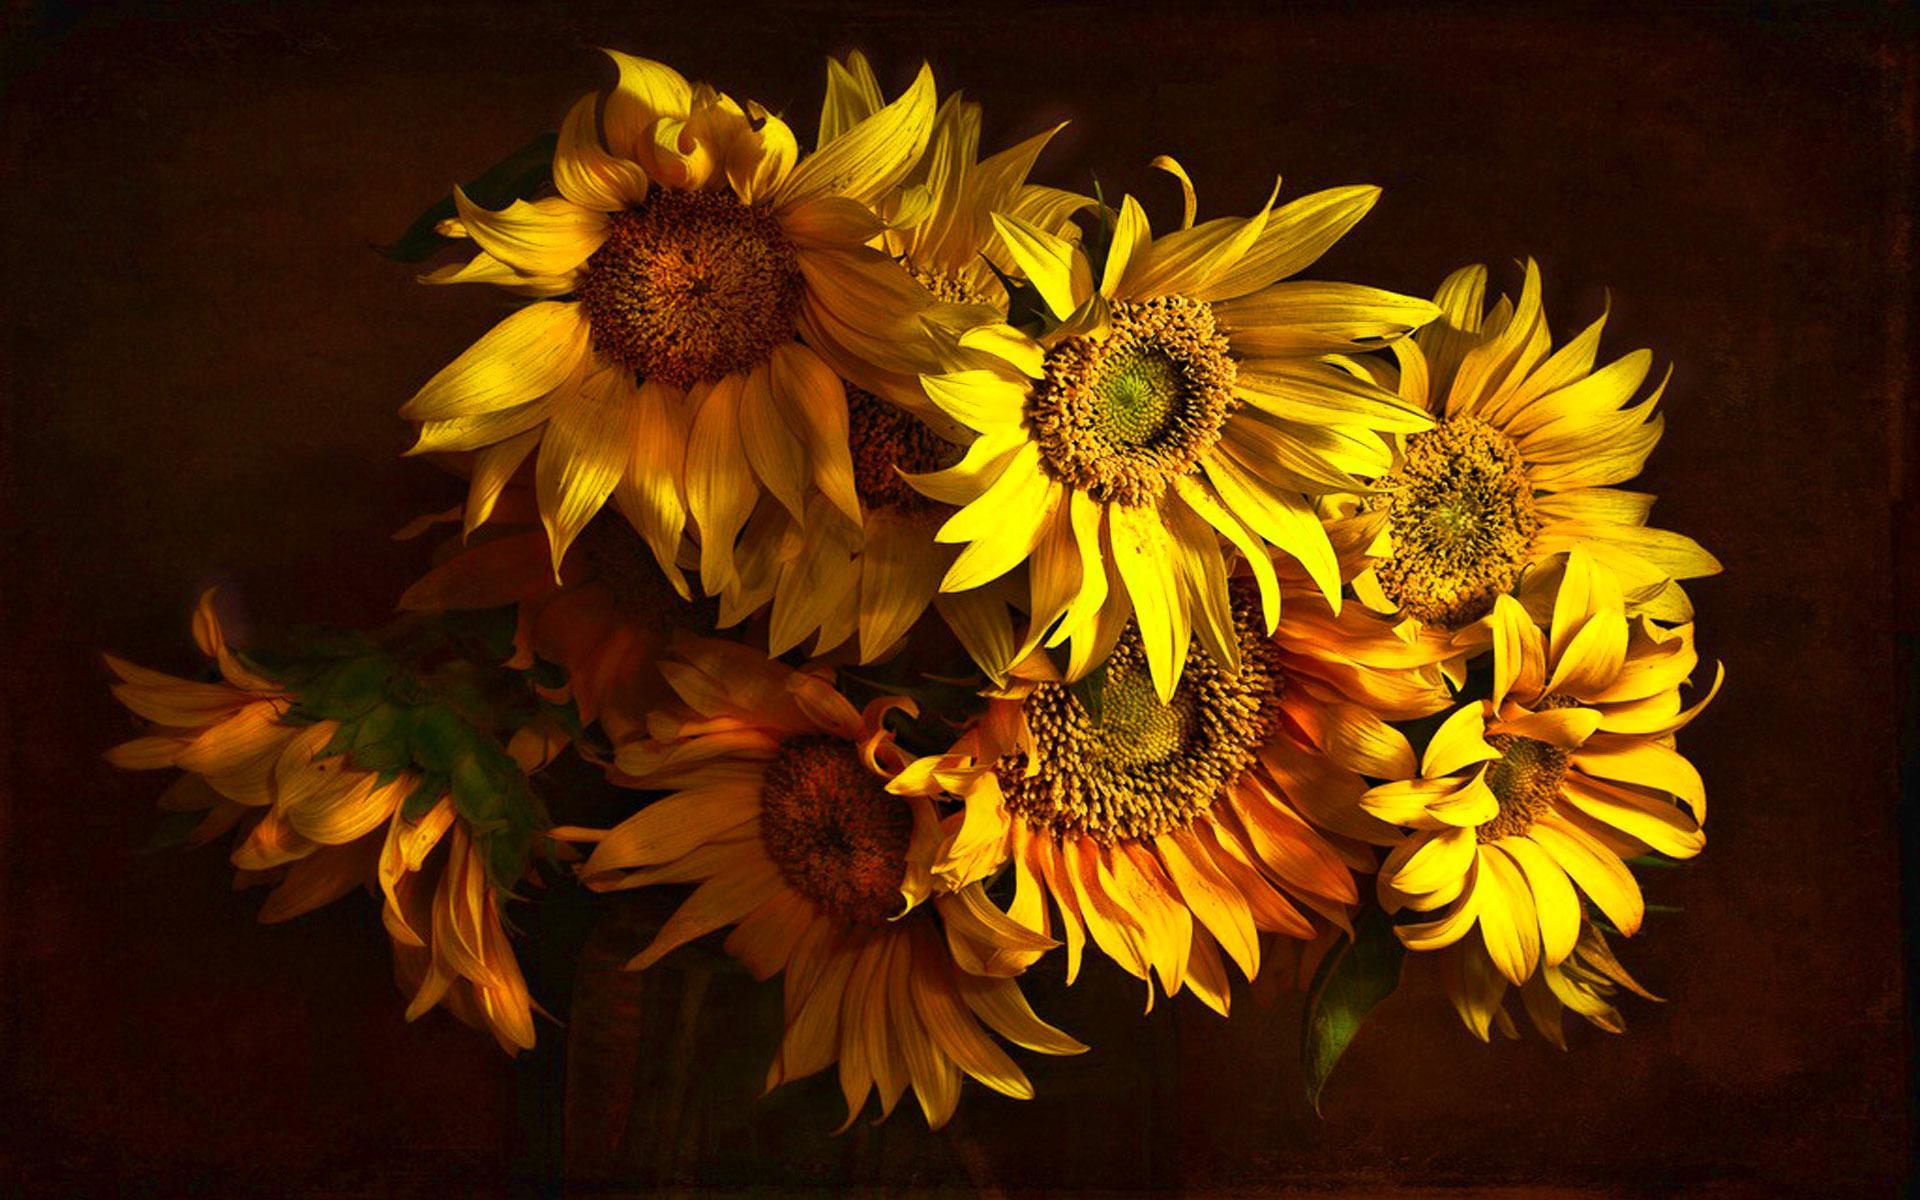 Sunflower Wallpaper HD Download